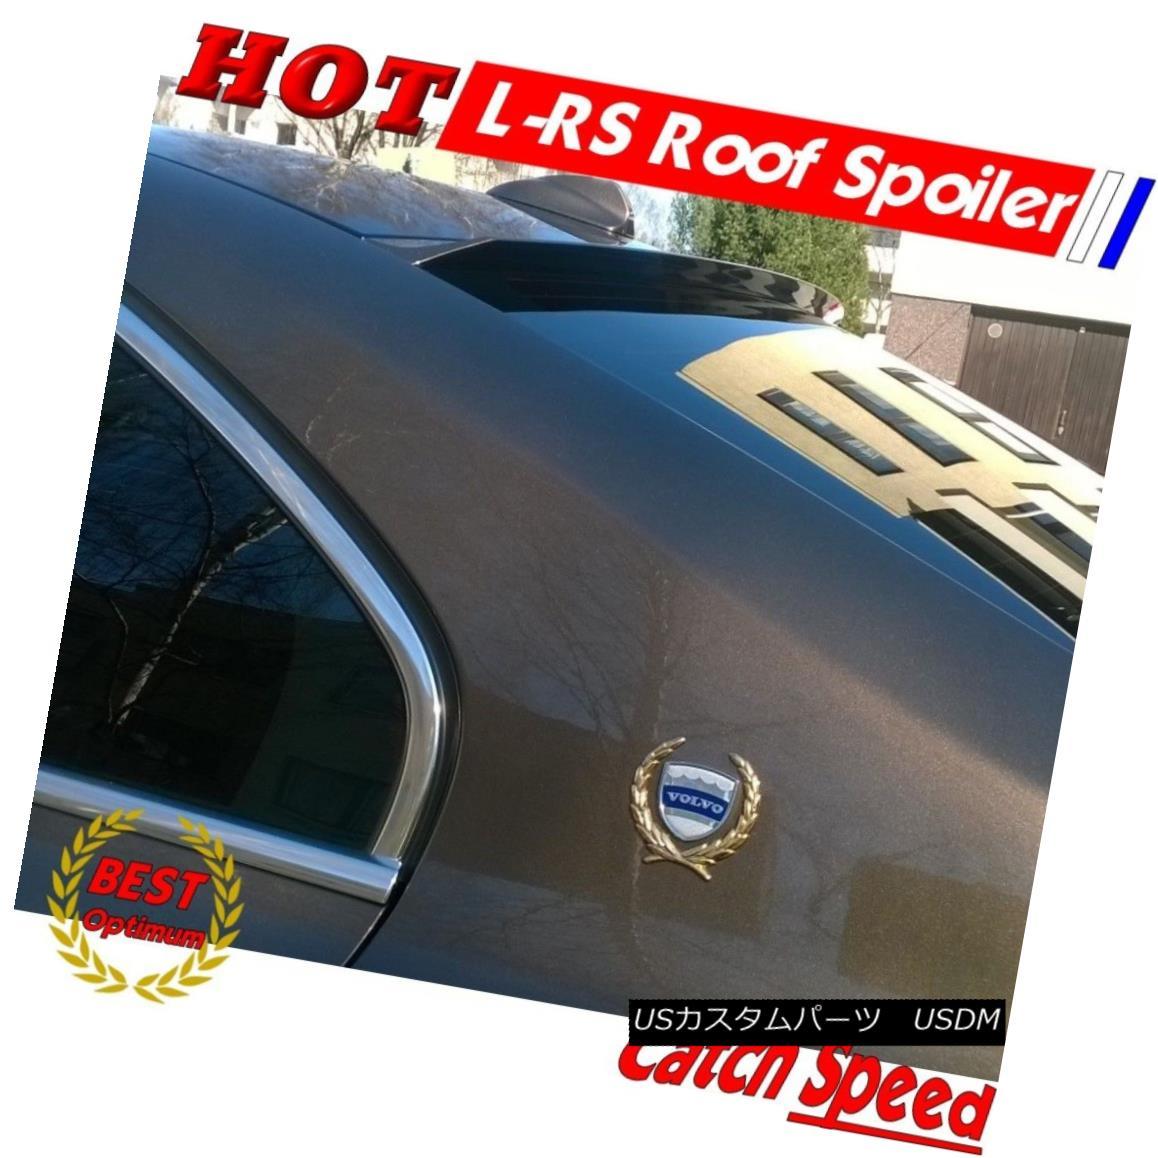 エアロパーツ Painted LRS Type Rear Roof Spoiler Wing For Volkswagen PASSAT NMS Sedan 2012~14? 塗装LRSタイプリアルーフスポイラーウィングフォルクスワーゲンPASSAT NMSセダン2012?14?